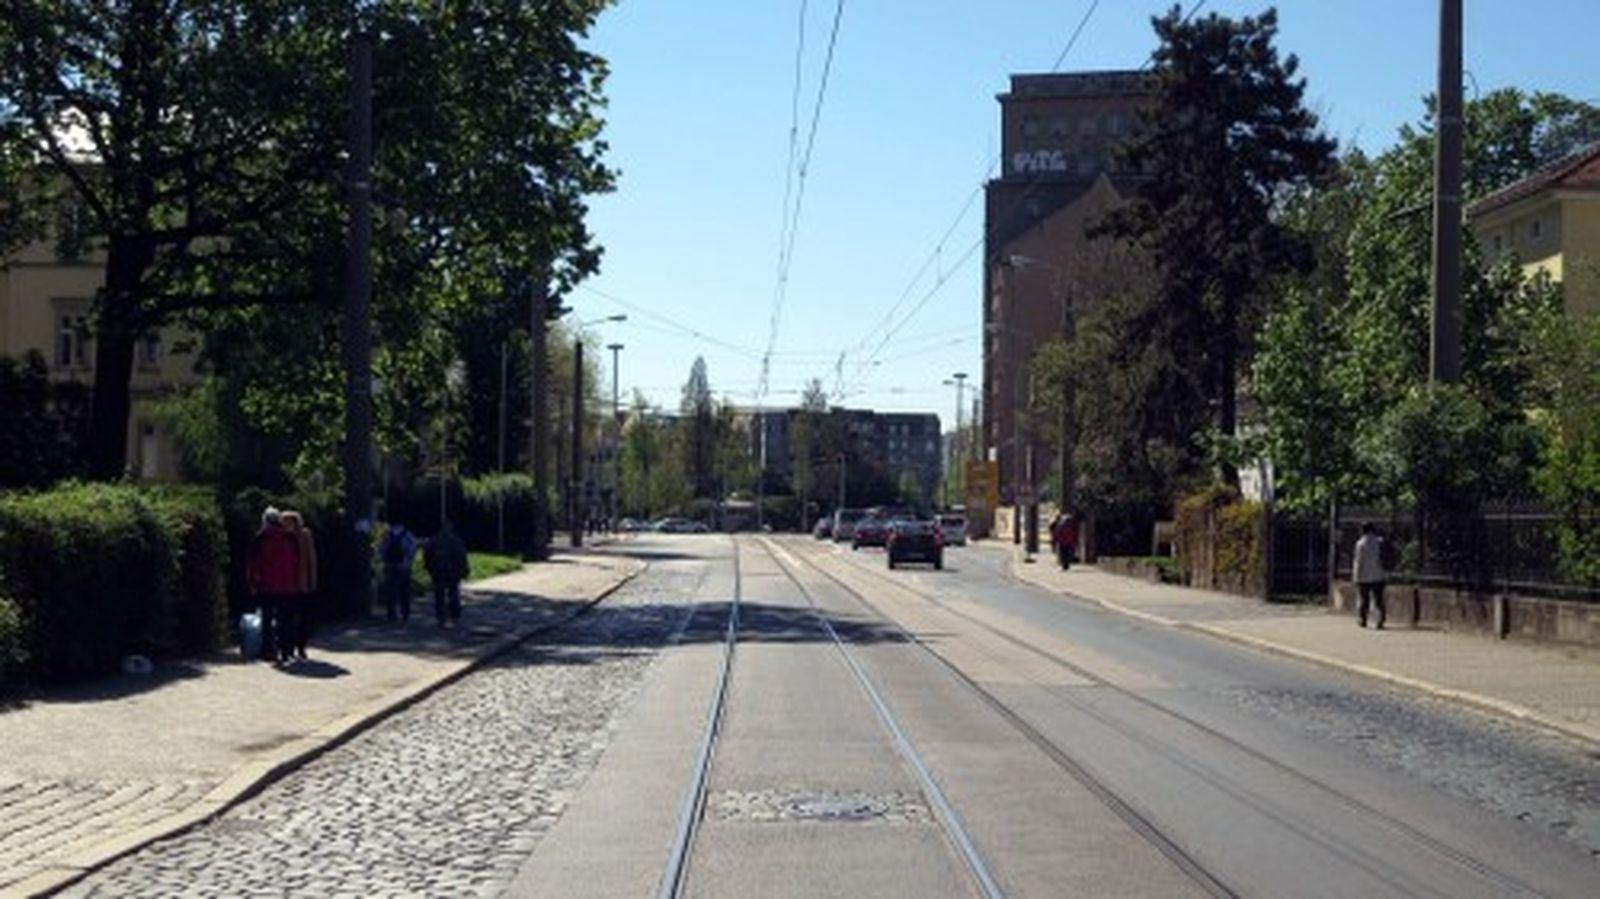 Die Straße wird sieben Meter breiter.